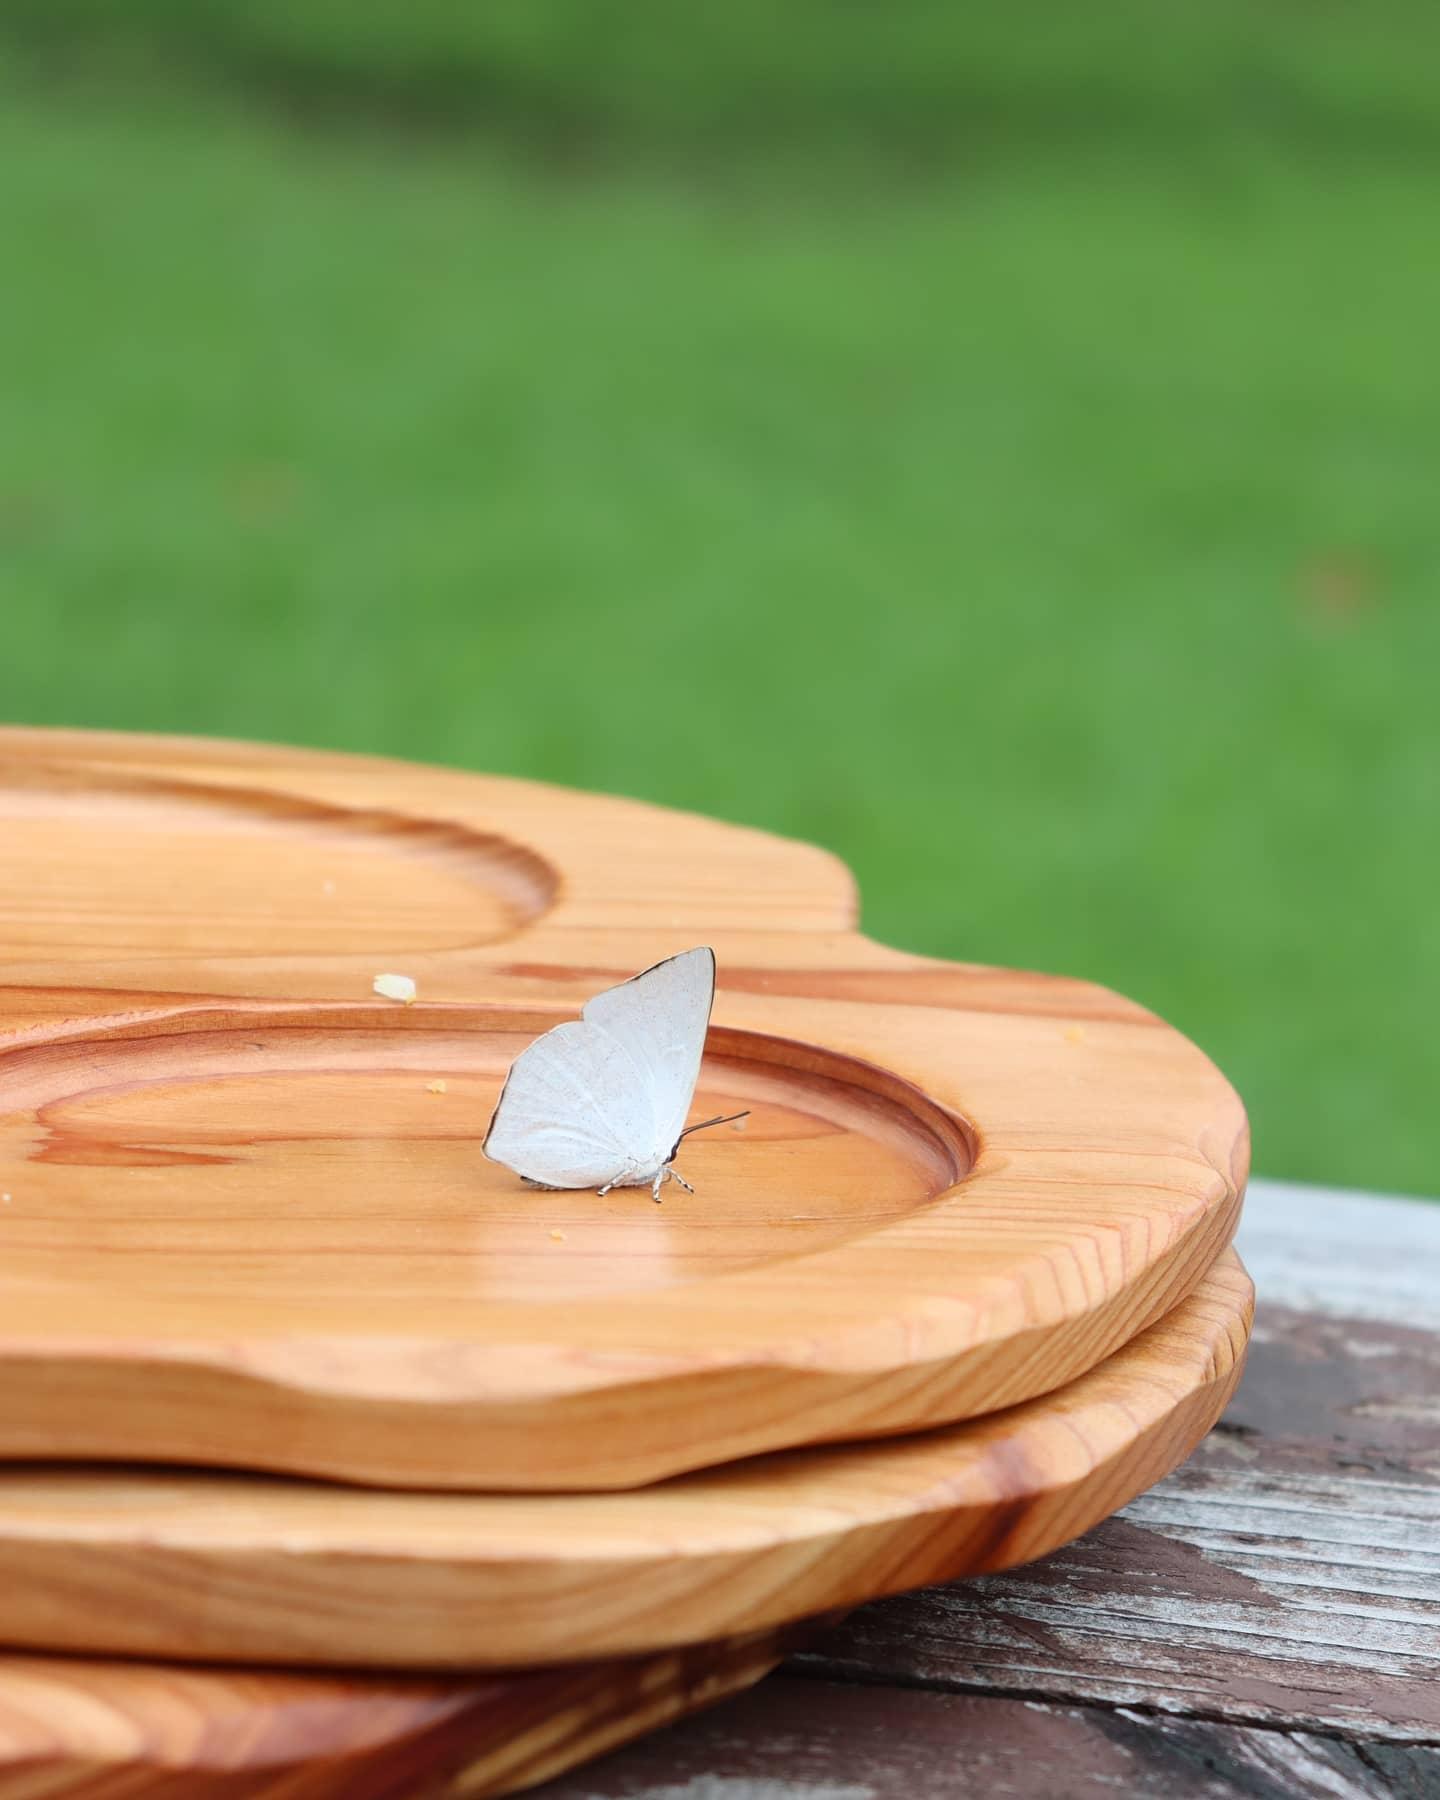 【ピクニック】木頭杉のプレート🦋